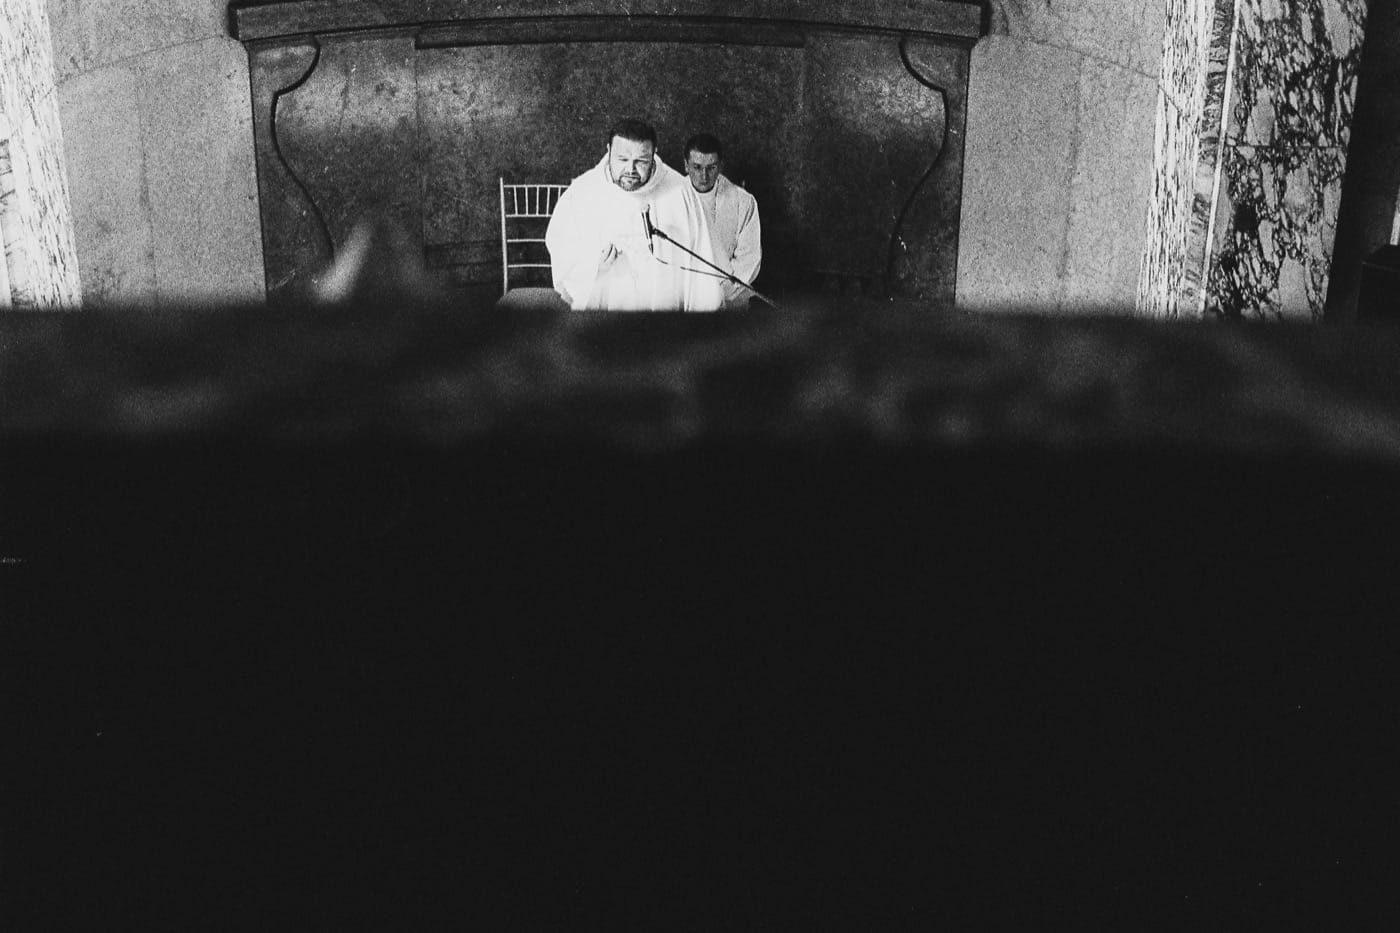 maciej sobol fotograf slubny krakow fotografia slubna na kliszy analogowe zdjecia slubne Maciej Sobol Brzesko Małopolska Kraków fotograf 71 1400x933 - Gosia & Kuba - Analogowo - [Pałac Goetz, Brzesko]